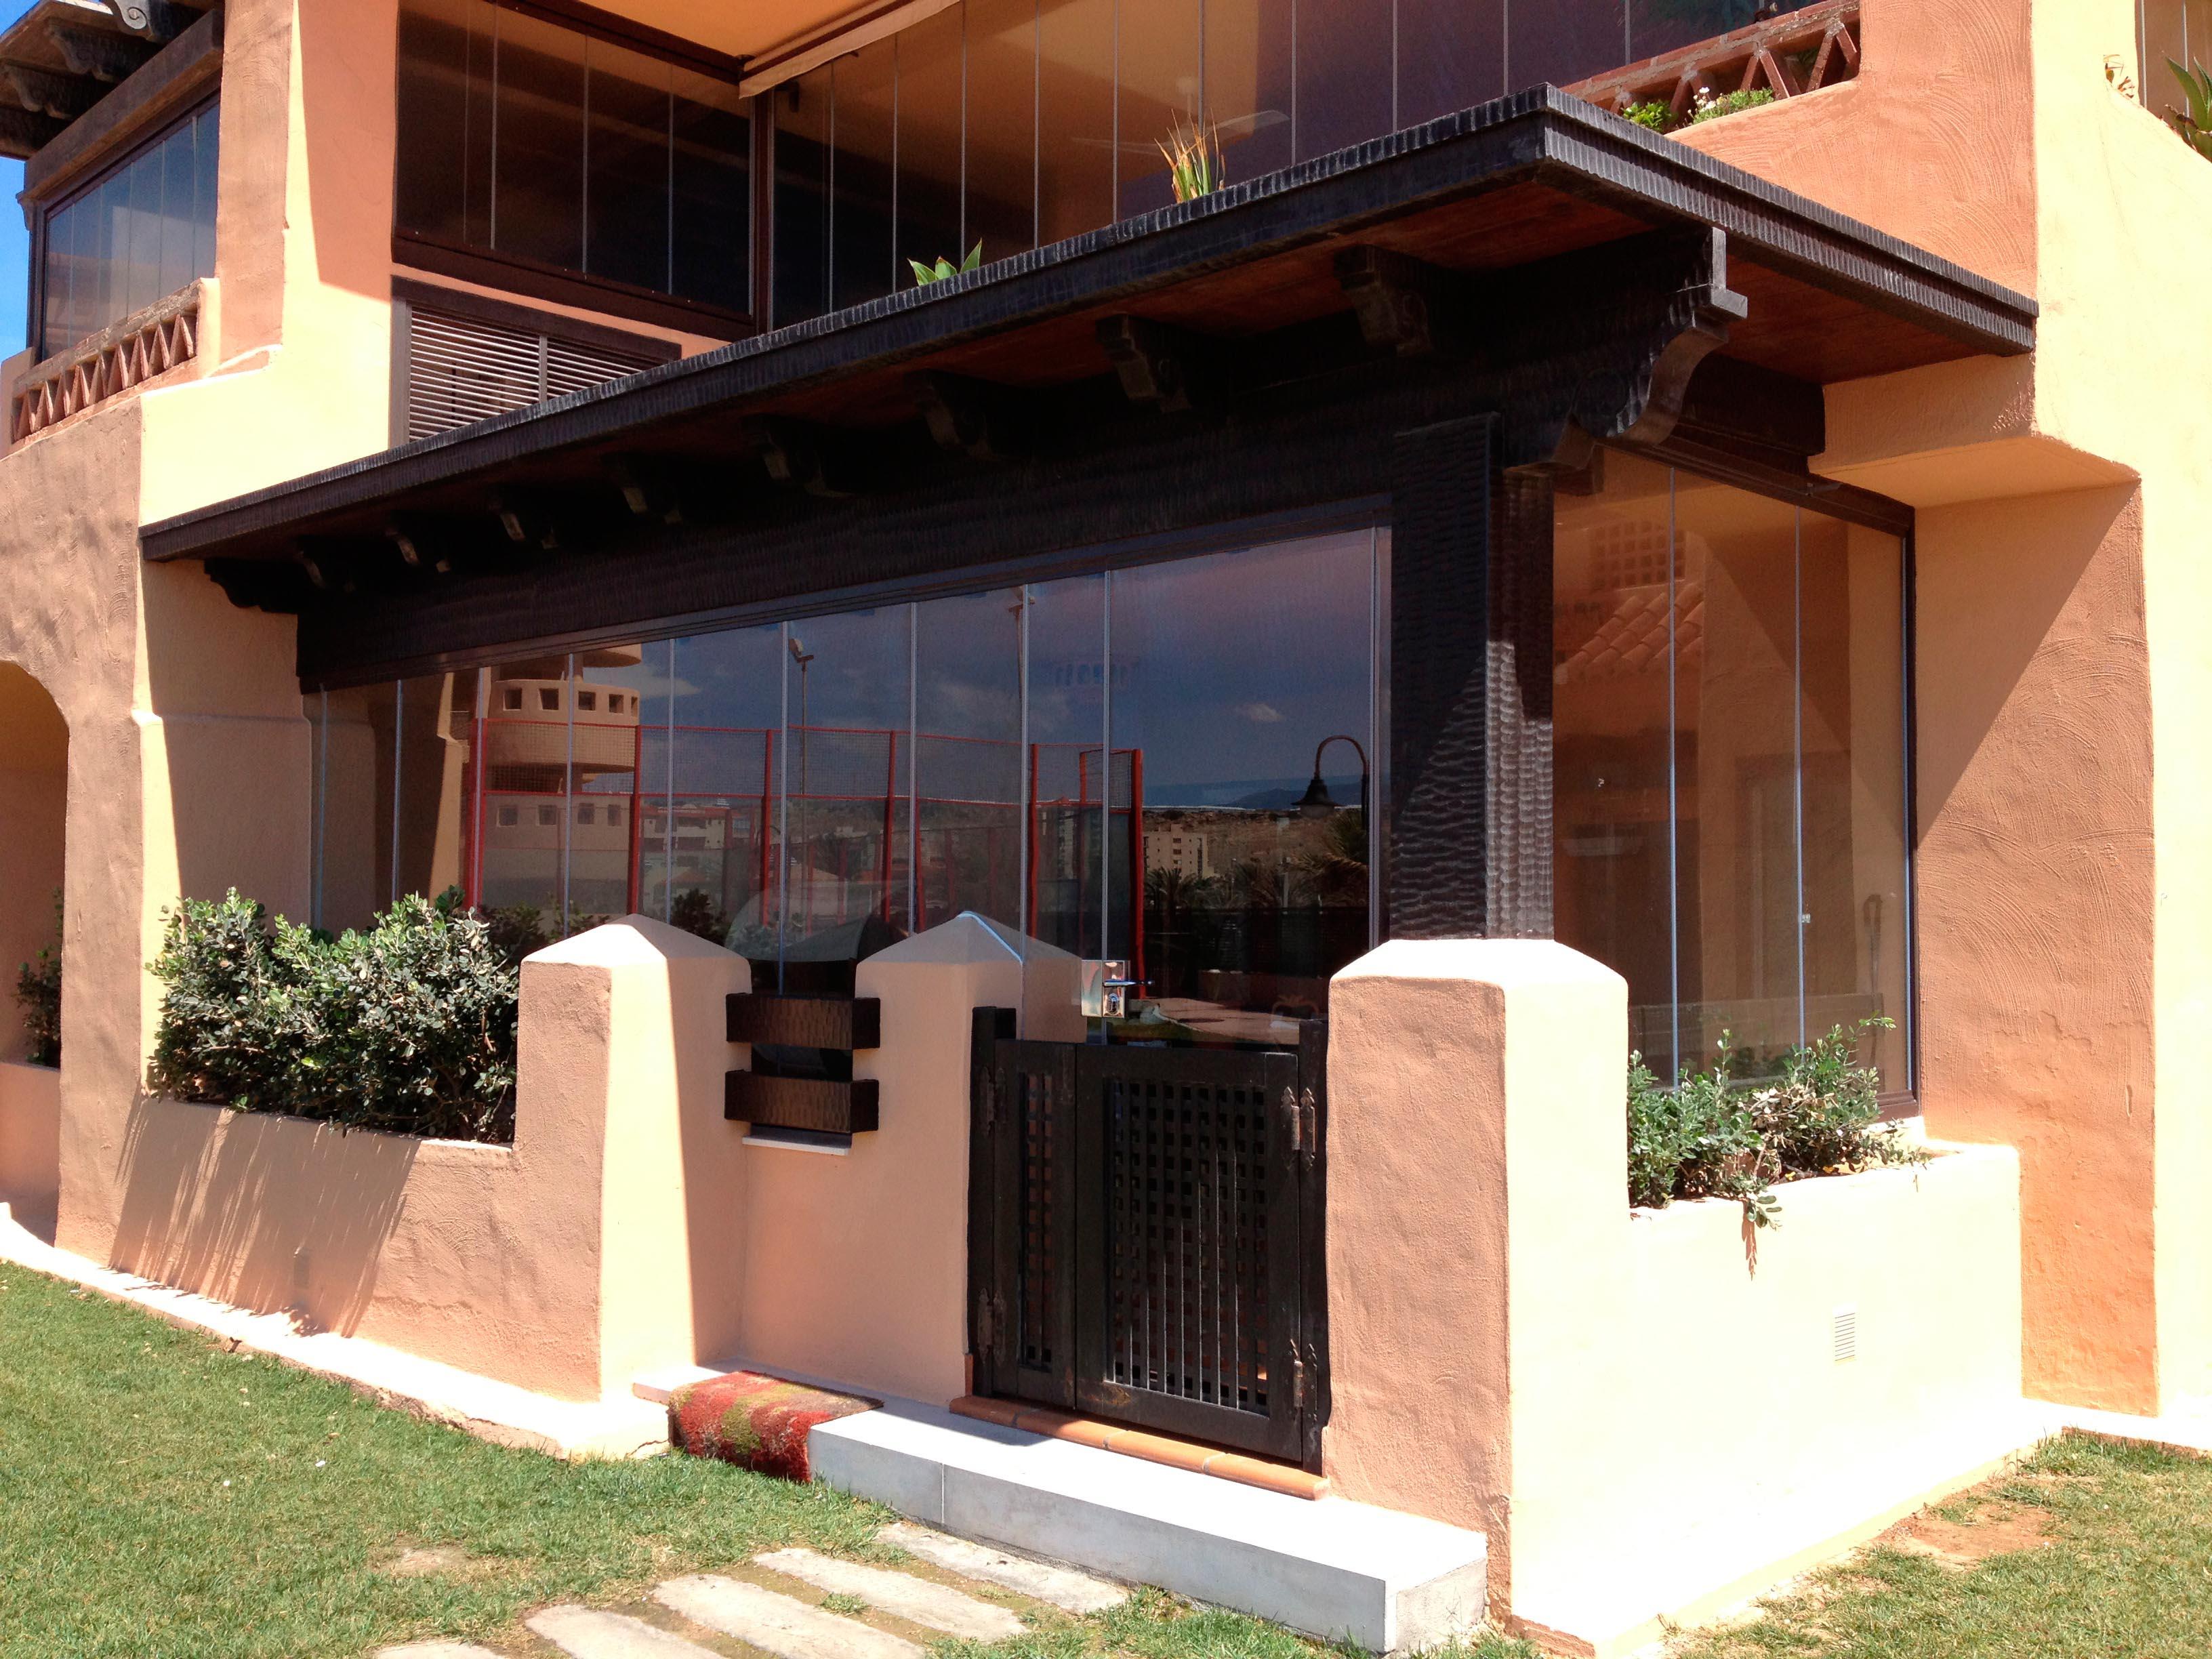 Porche de cristal porches porches porches porches porches - Cortinas para porche exterior ...